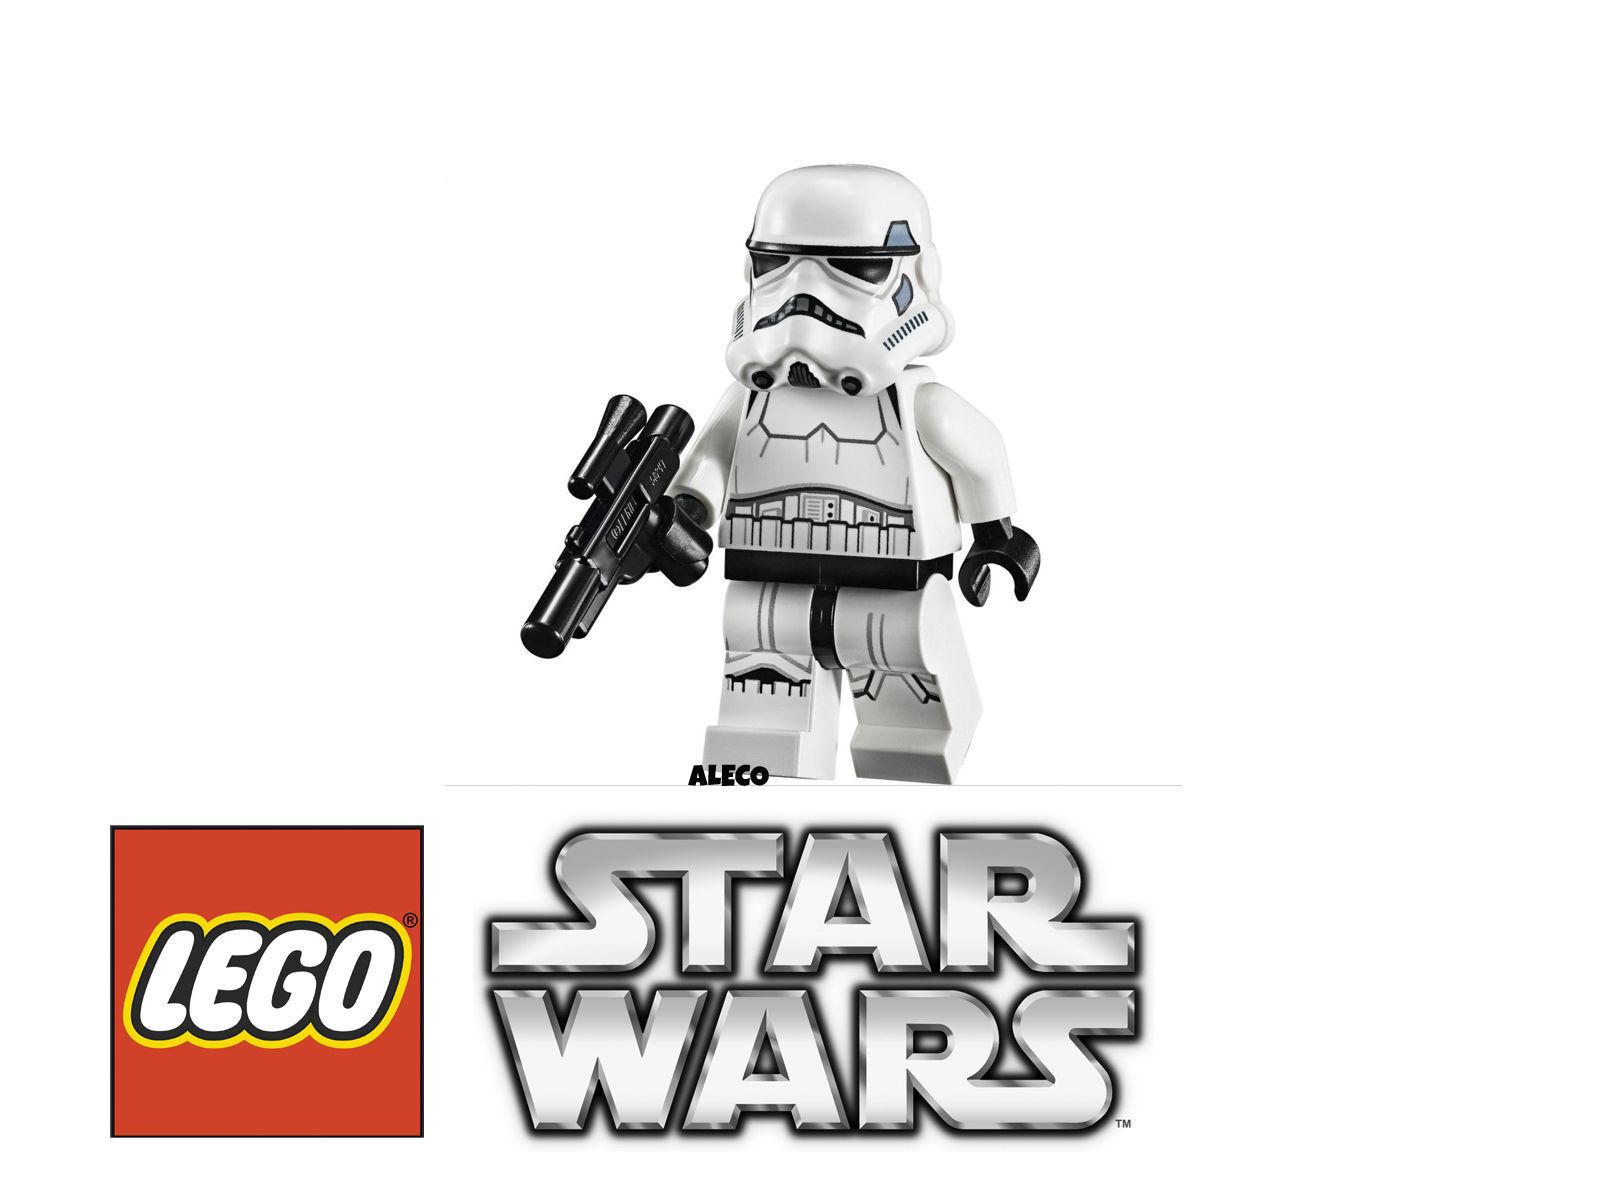 LEGO STAR WARS Stormtrooper Minifigure Minifigura 75055 75060 75060 75060 NUEVO / NEW 0689ec